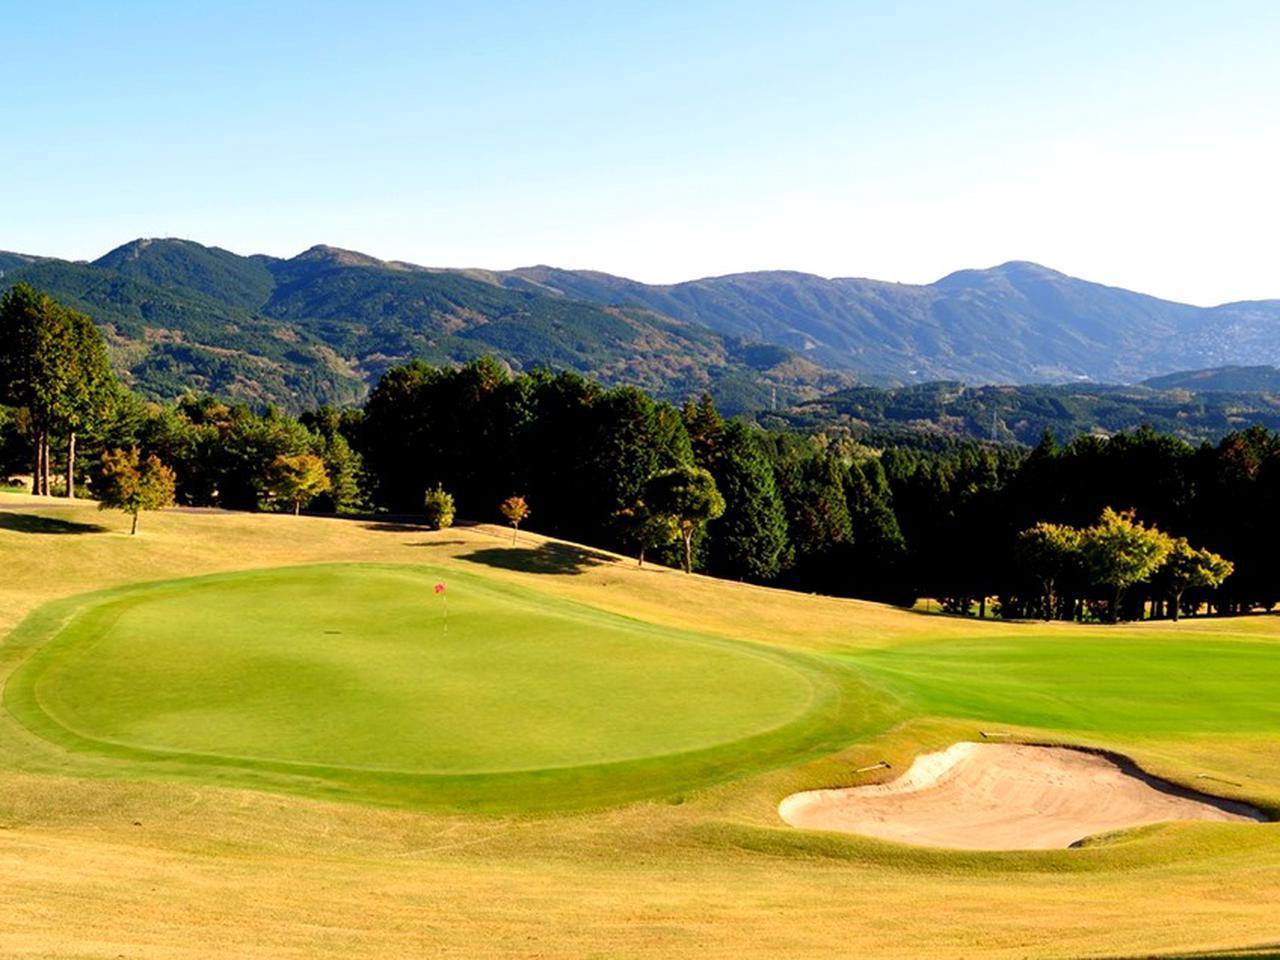 画像: 函南ゴルフ倶楽部 富士山と駿河湾の眺めが美しい丘陵コース